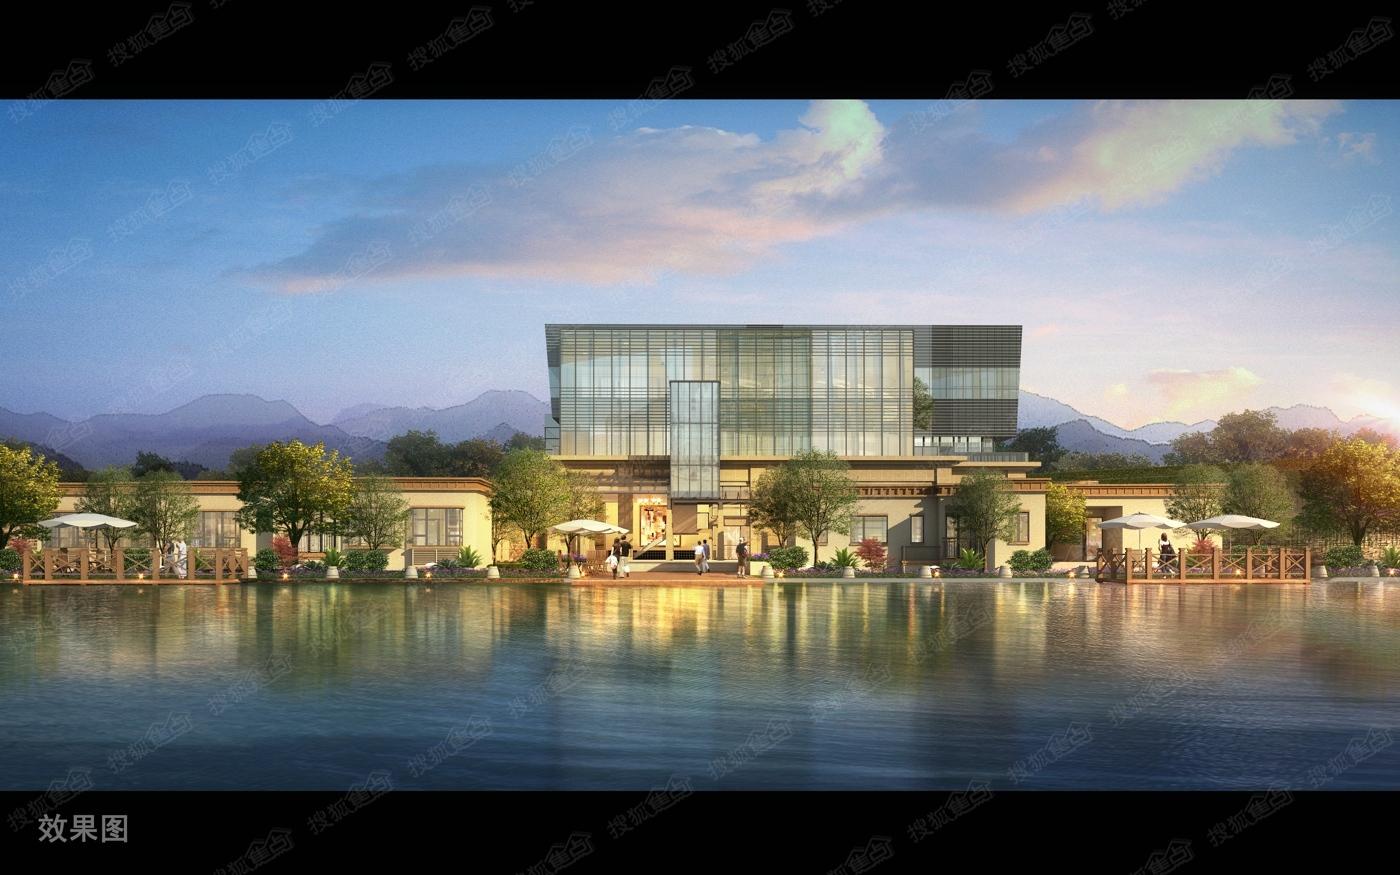 观山湖区核心商圈公寓不到一万 未来价值可期